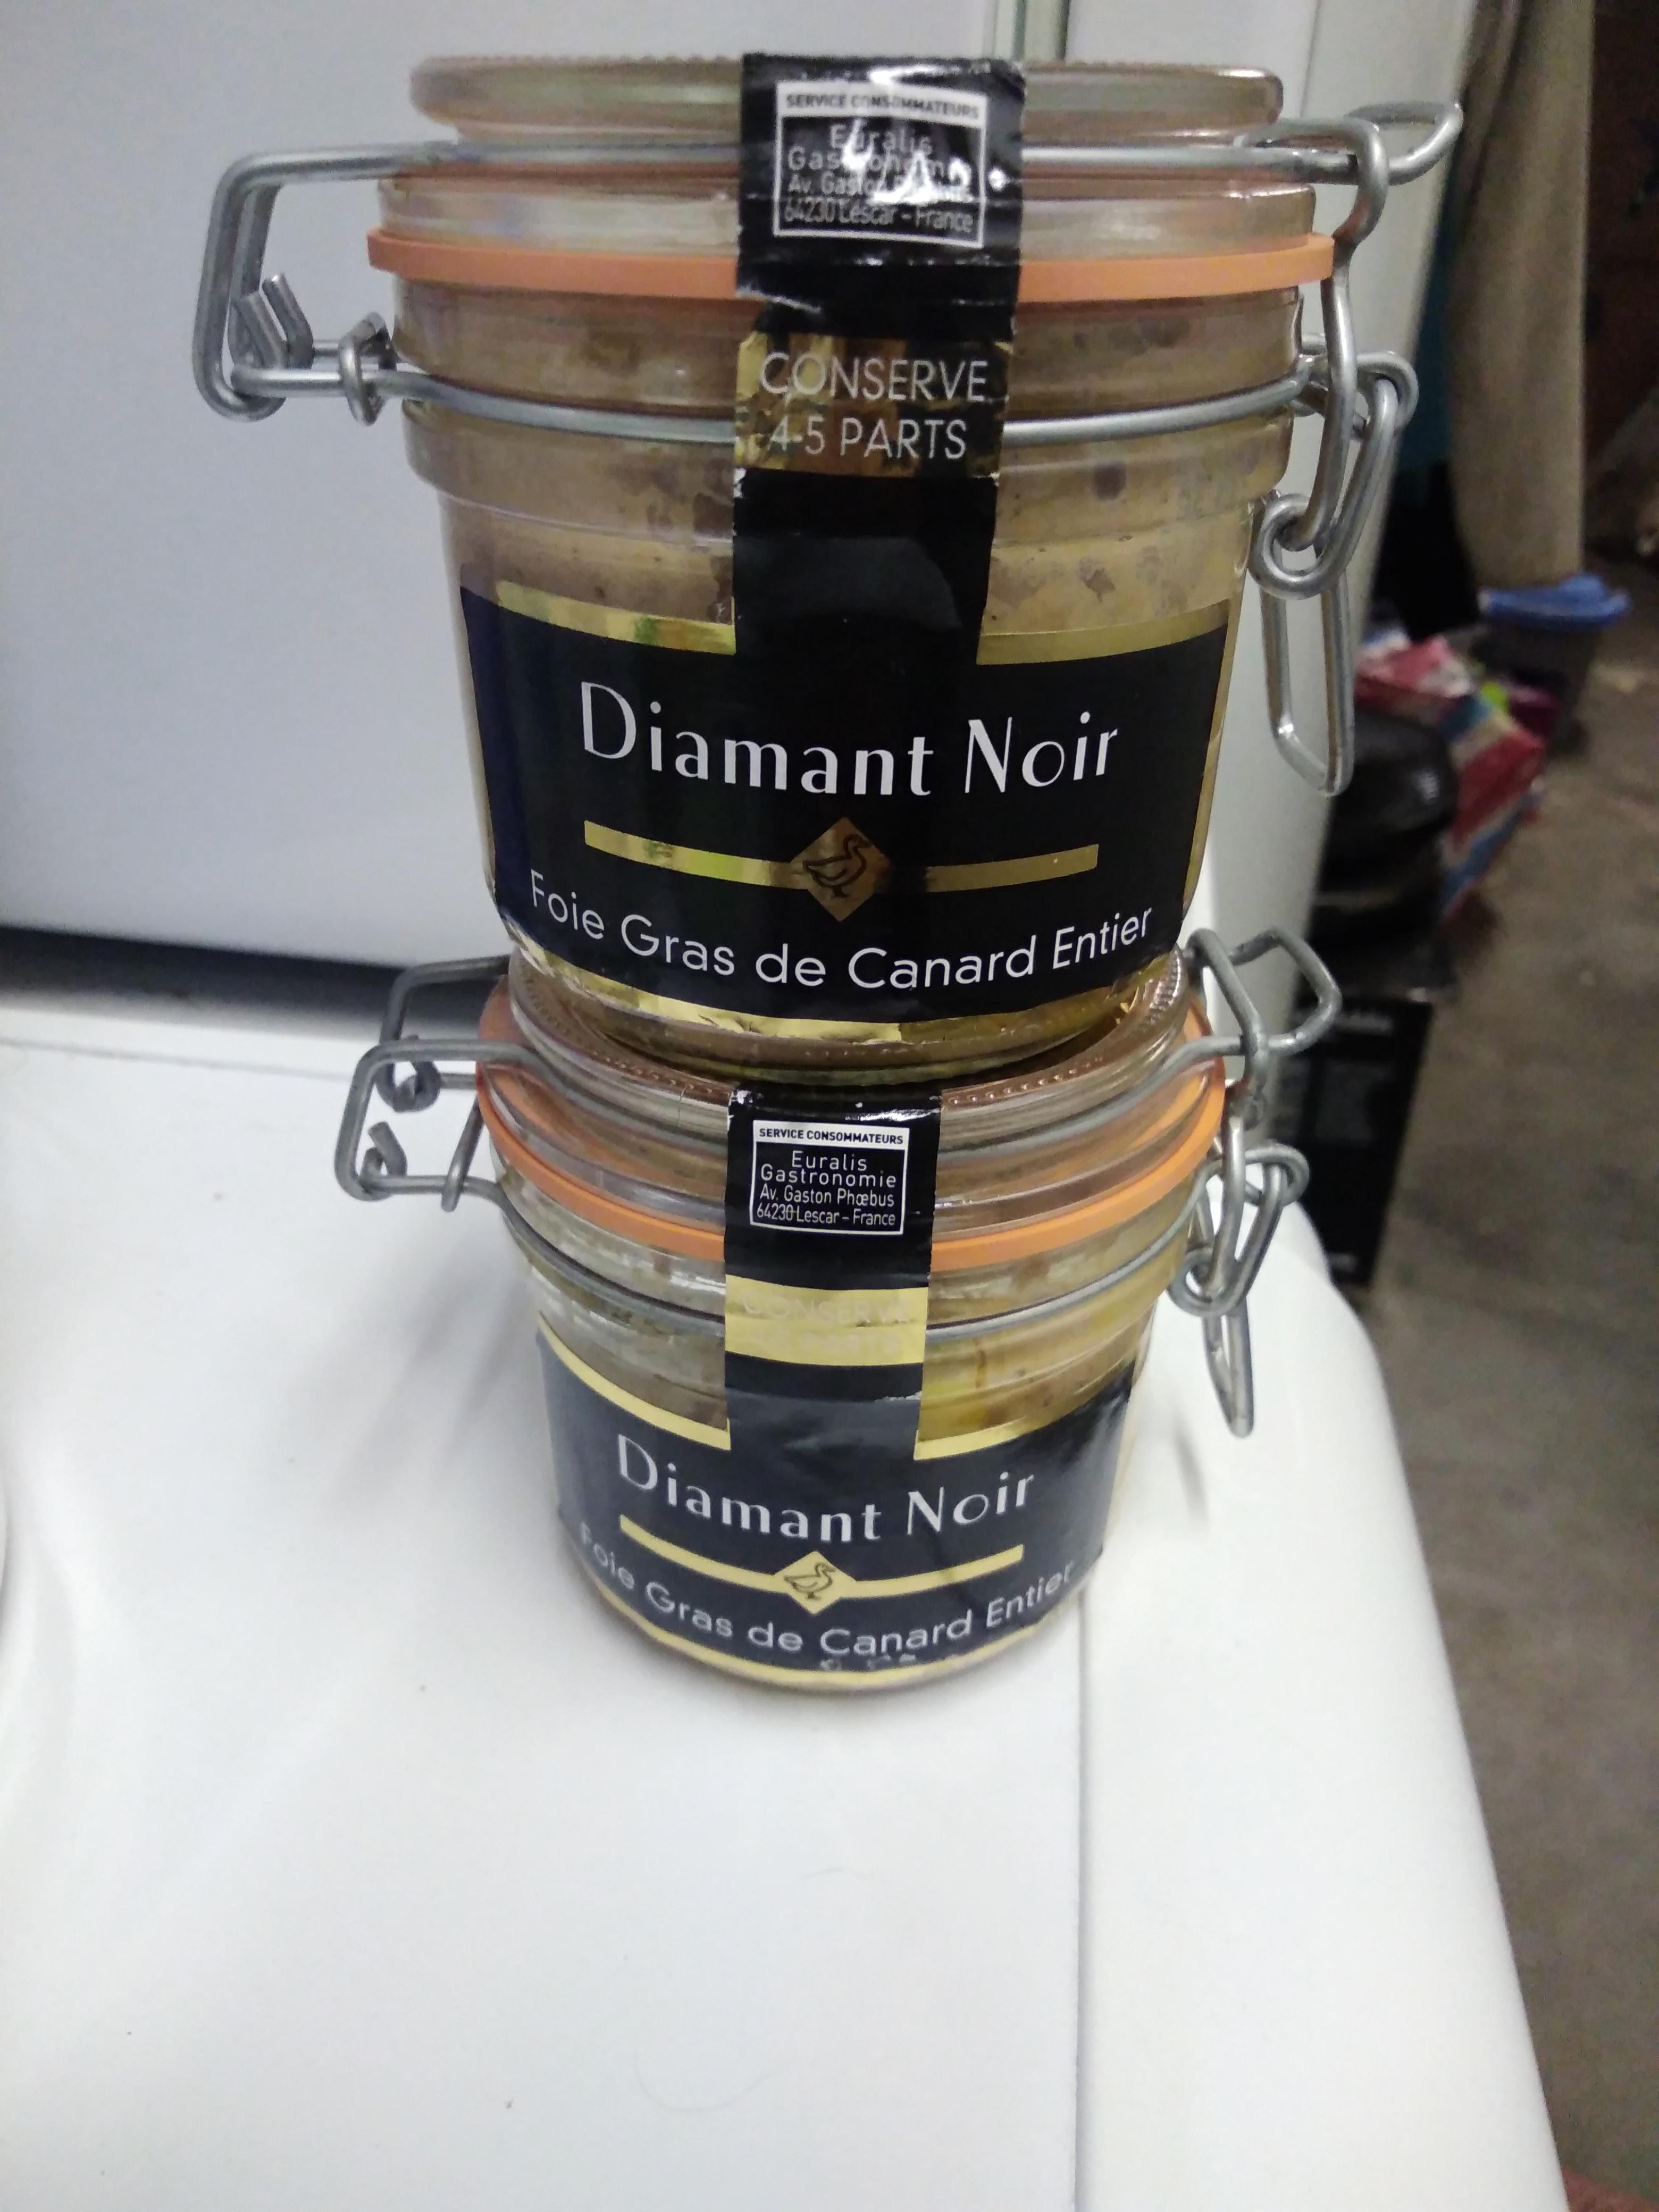 troc de troc 2 pots de foie gras entier de canard 4/5 part. image 0